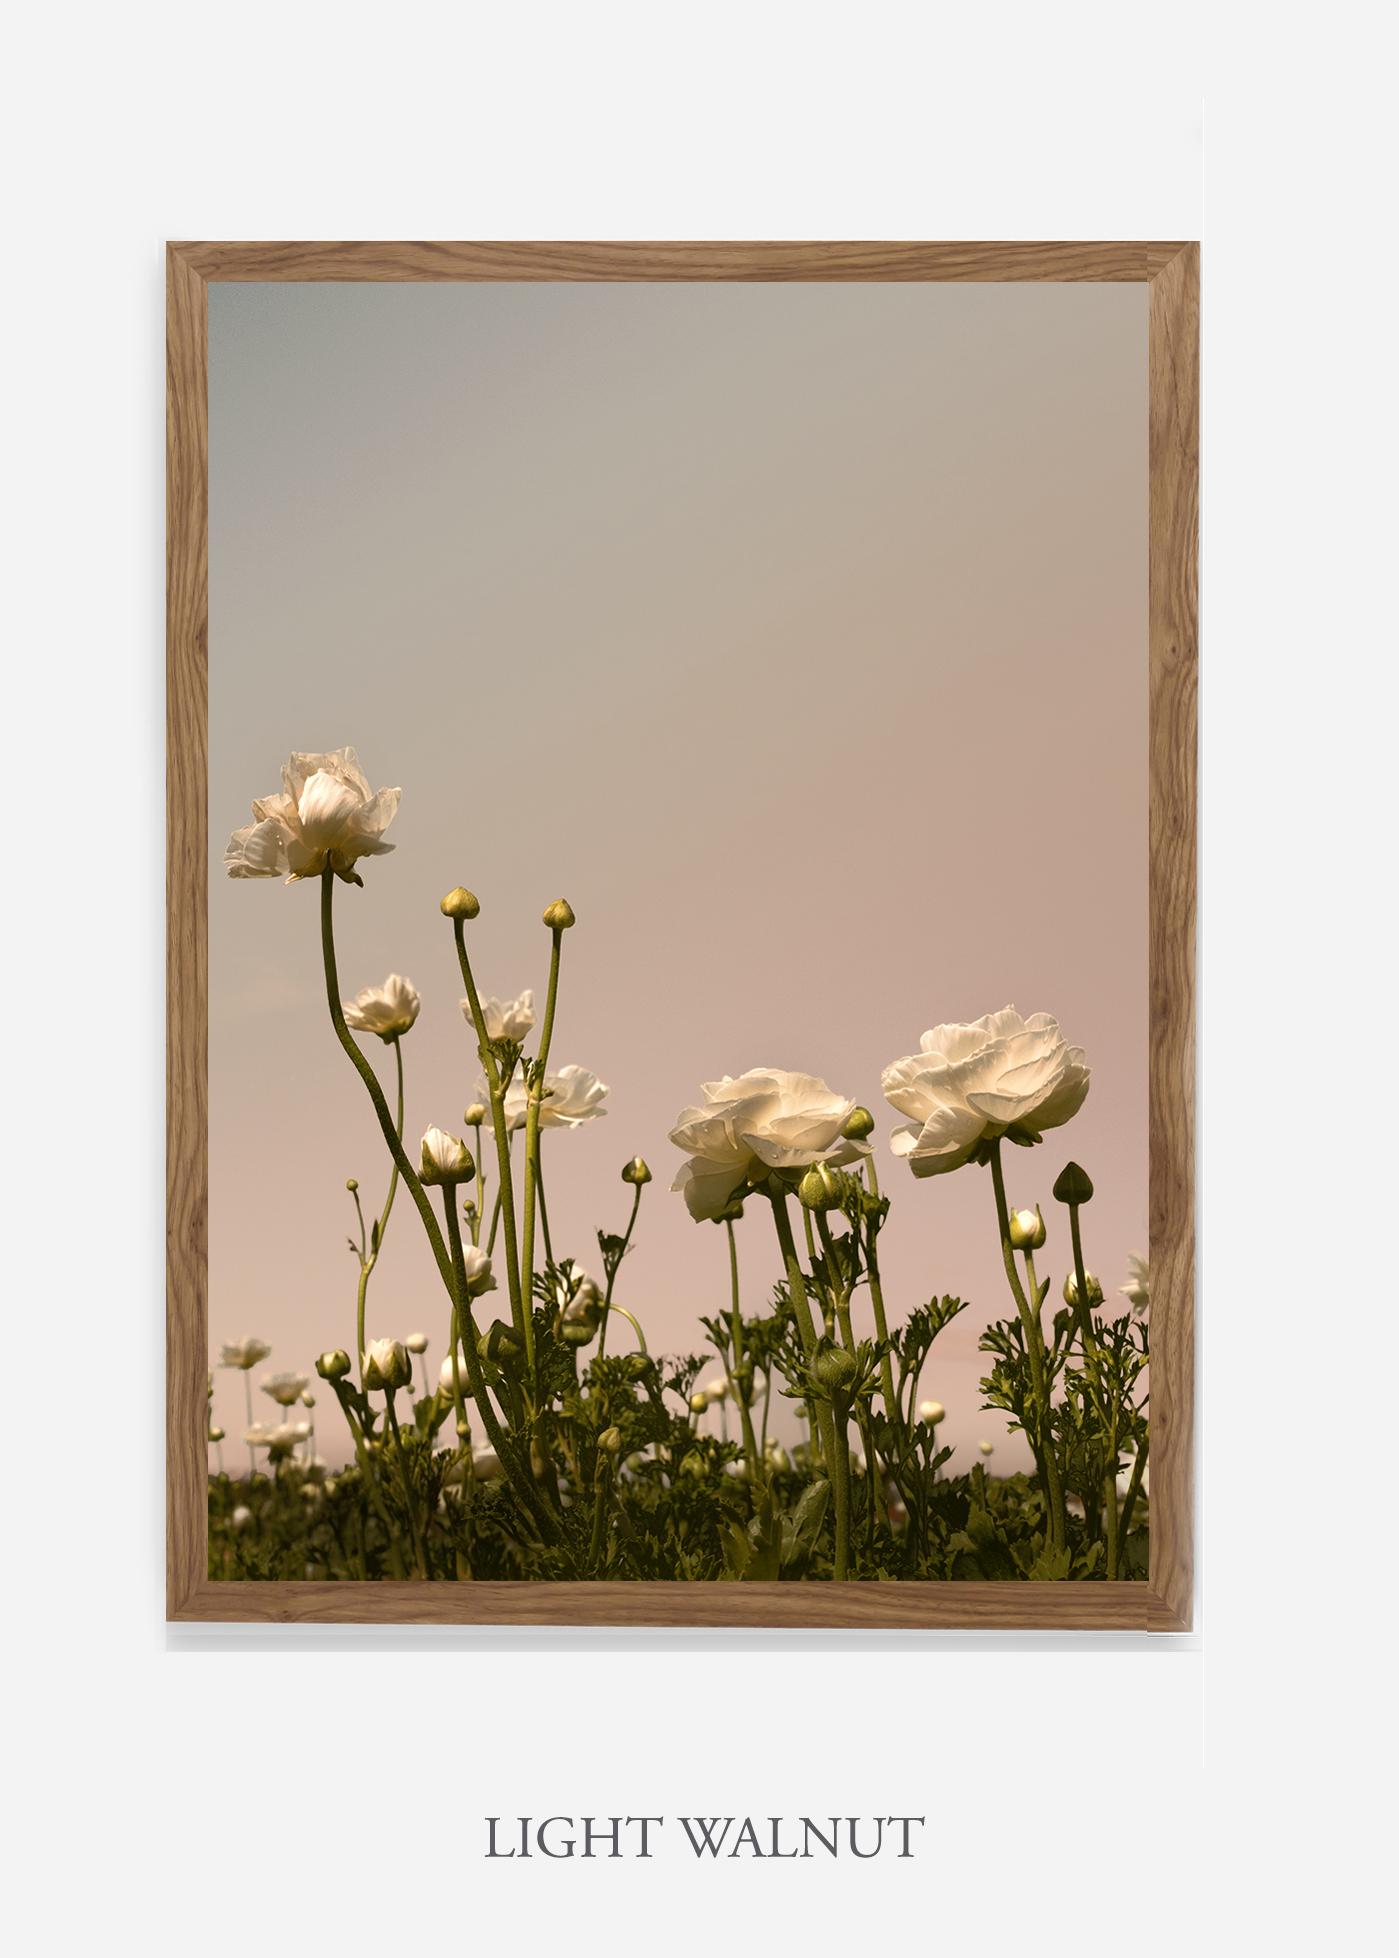 NoMat-Light-Walnut-Frame-Floral-No-7-Wilder-California-Art-Floral-Home-decor-Prints-Dahlia-Botanical-Artwork-Interior-design.jpg